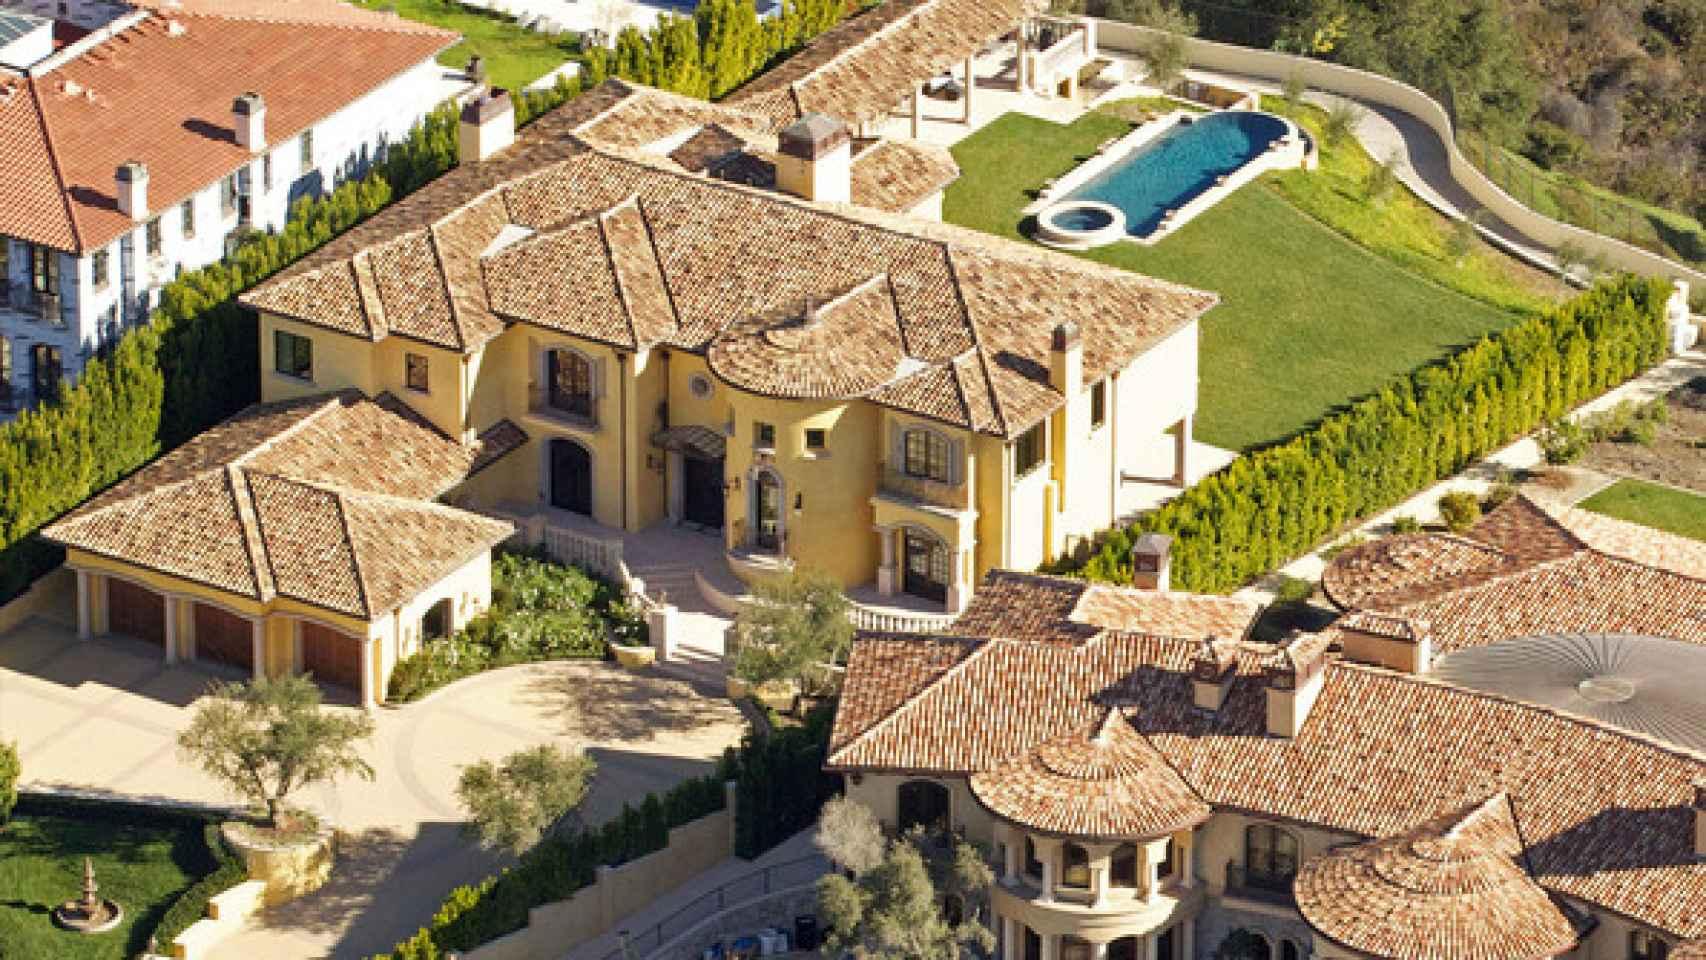 Casa de Kim y Kanye West antes de la renovación